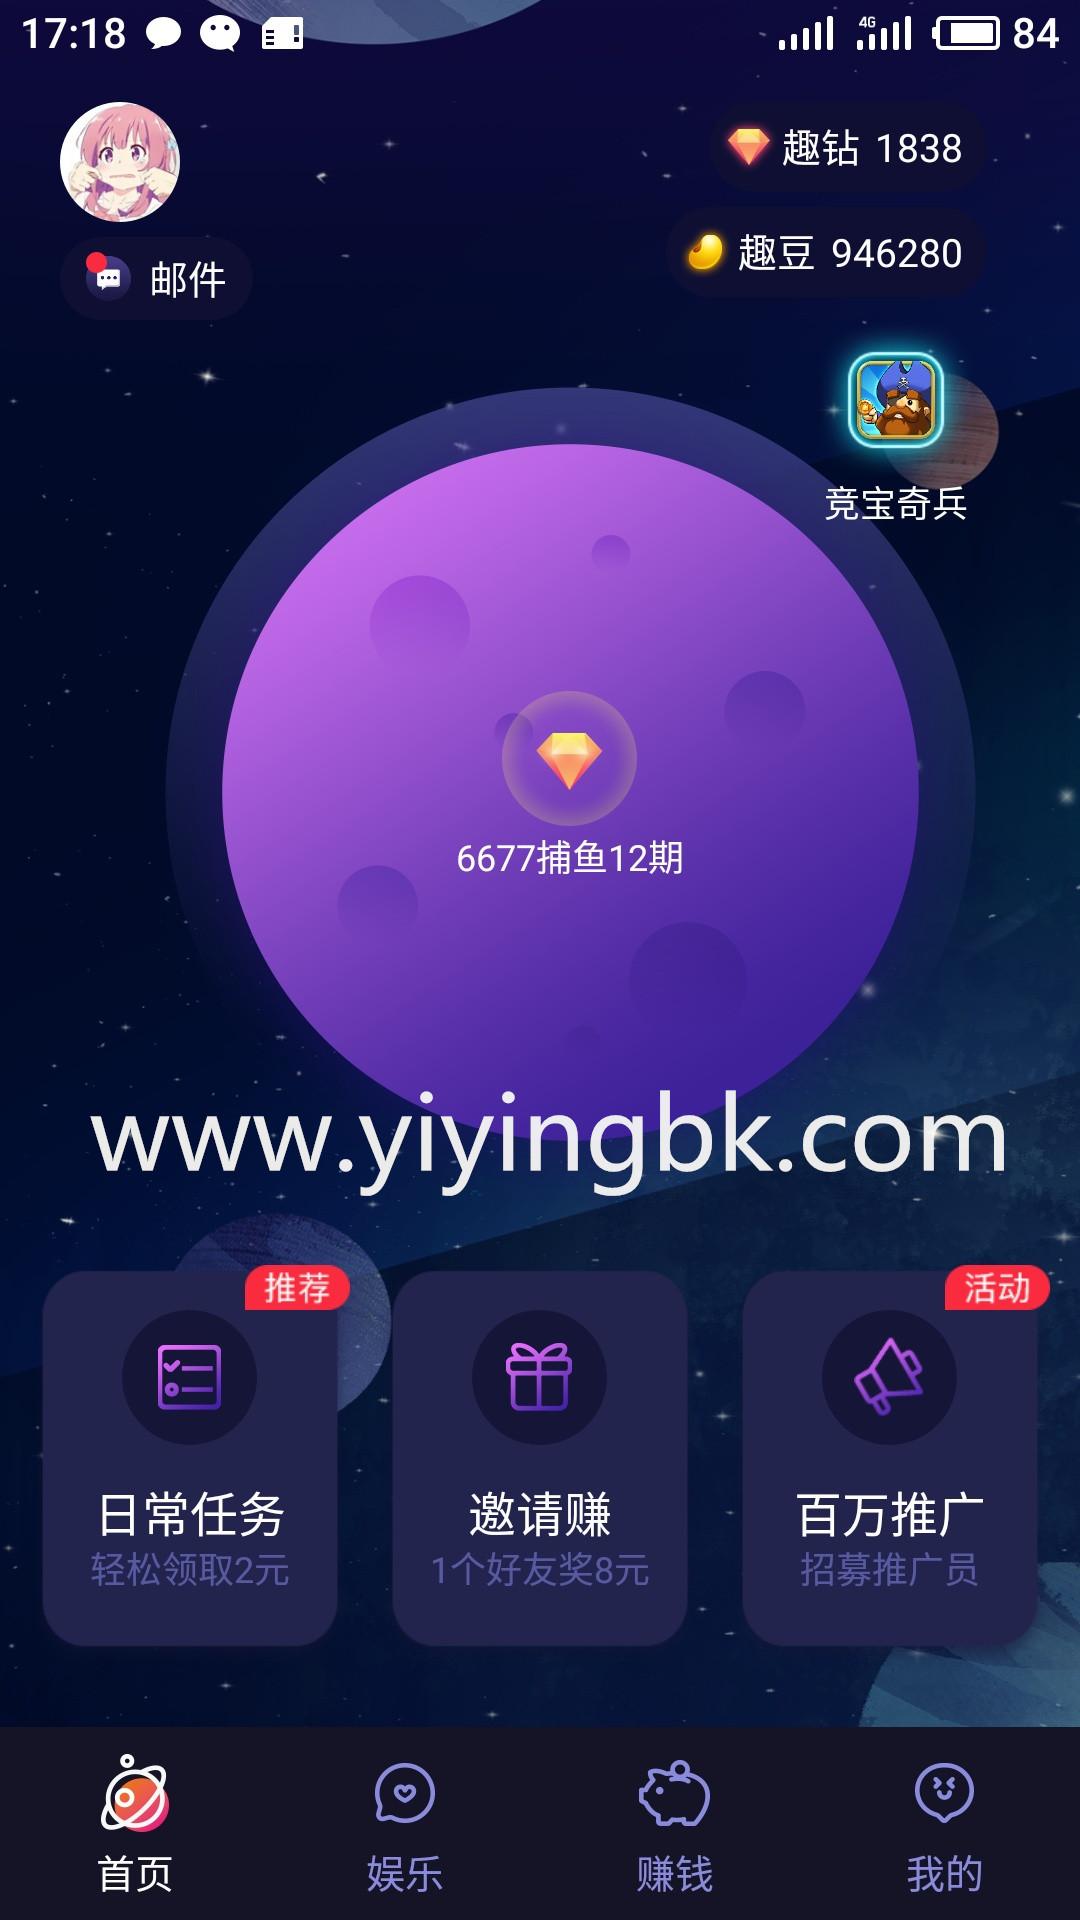 免费玩手游+代理手游赚钱,微信和支付宝1元就能提现,支付秒到账。www.yiyingbk.com